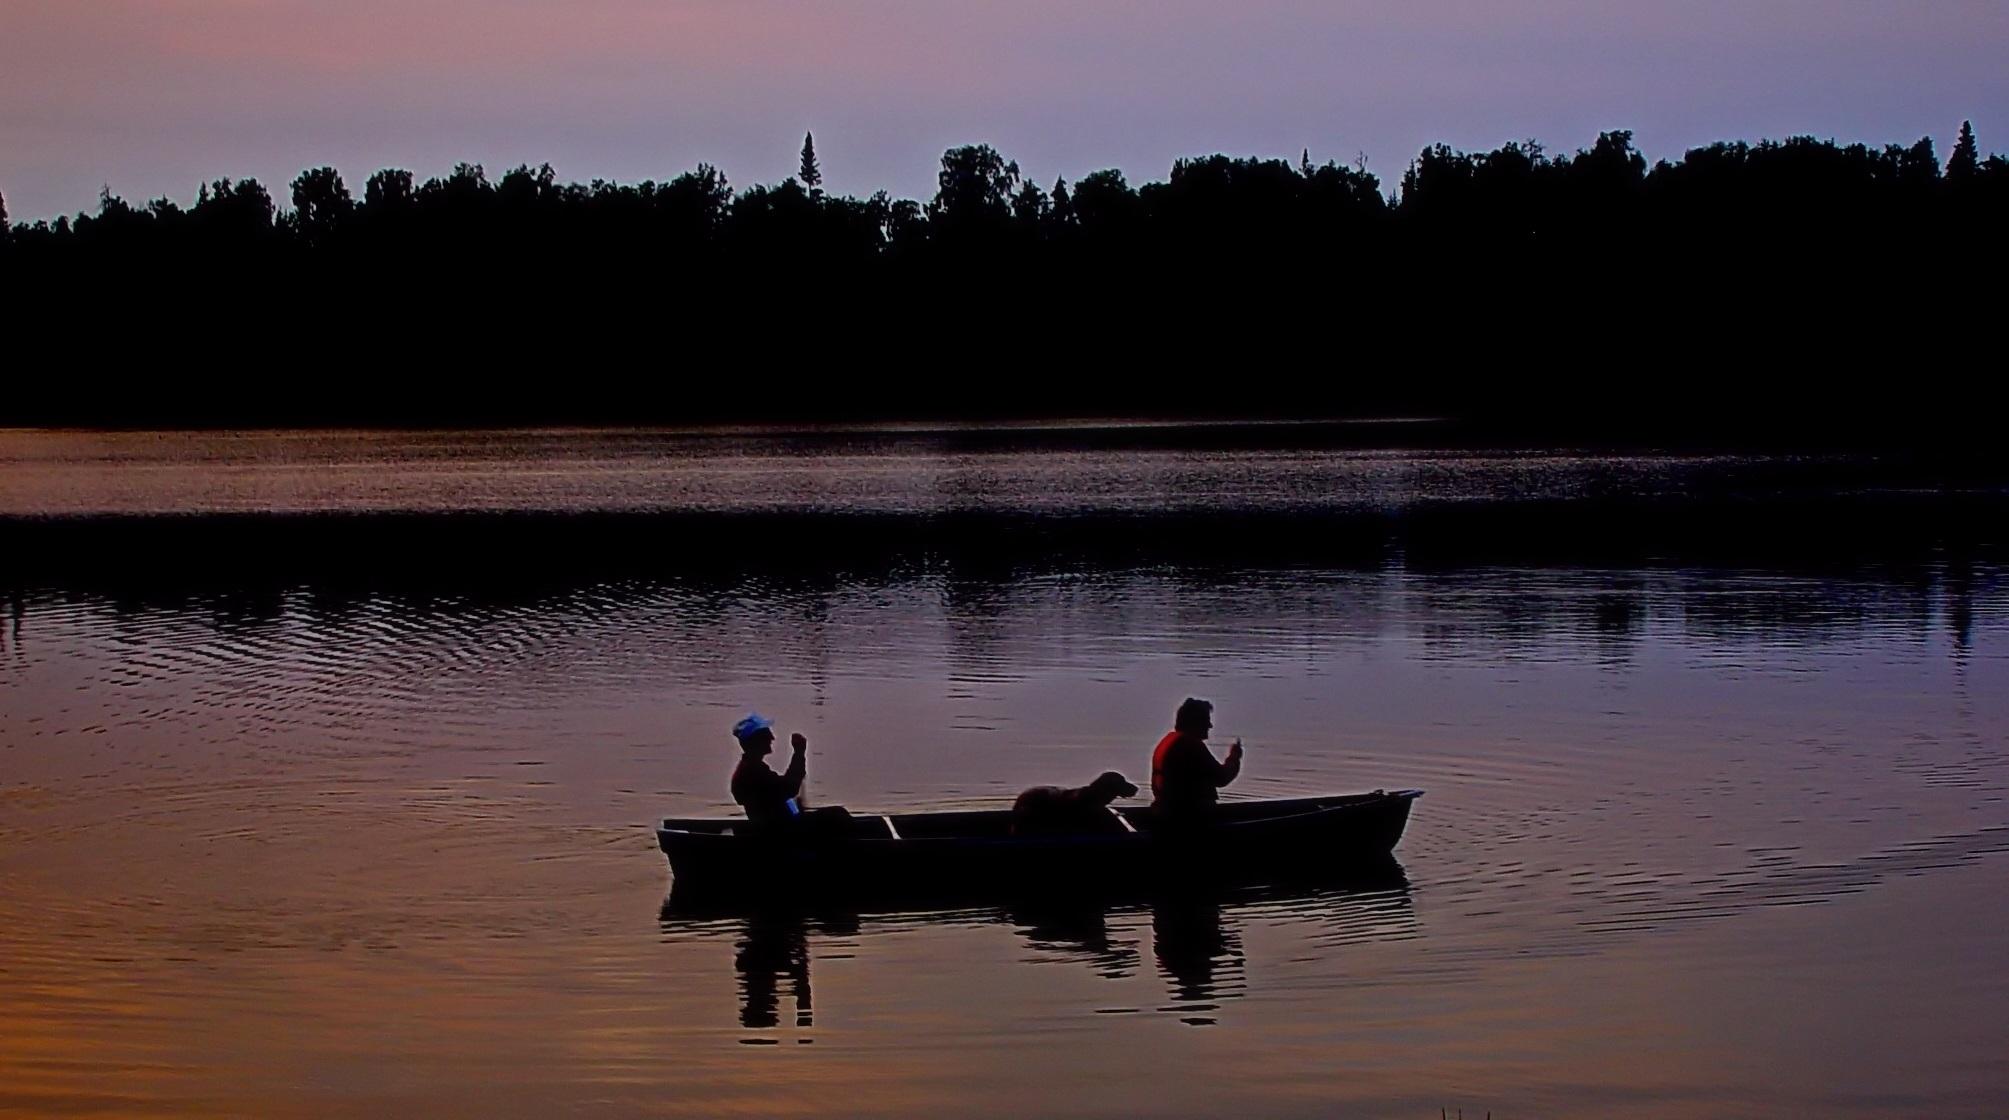 картинки человек в лодке на реке пожалуйста, какие